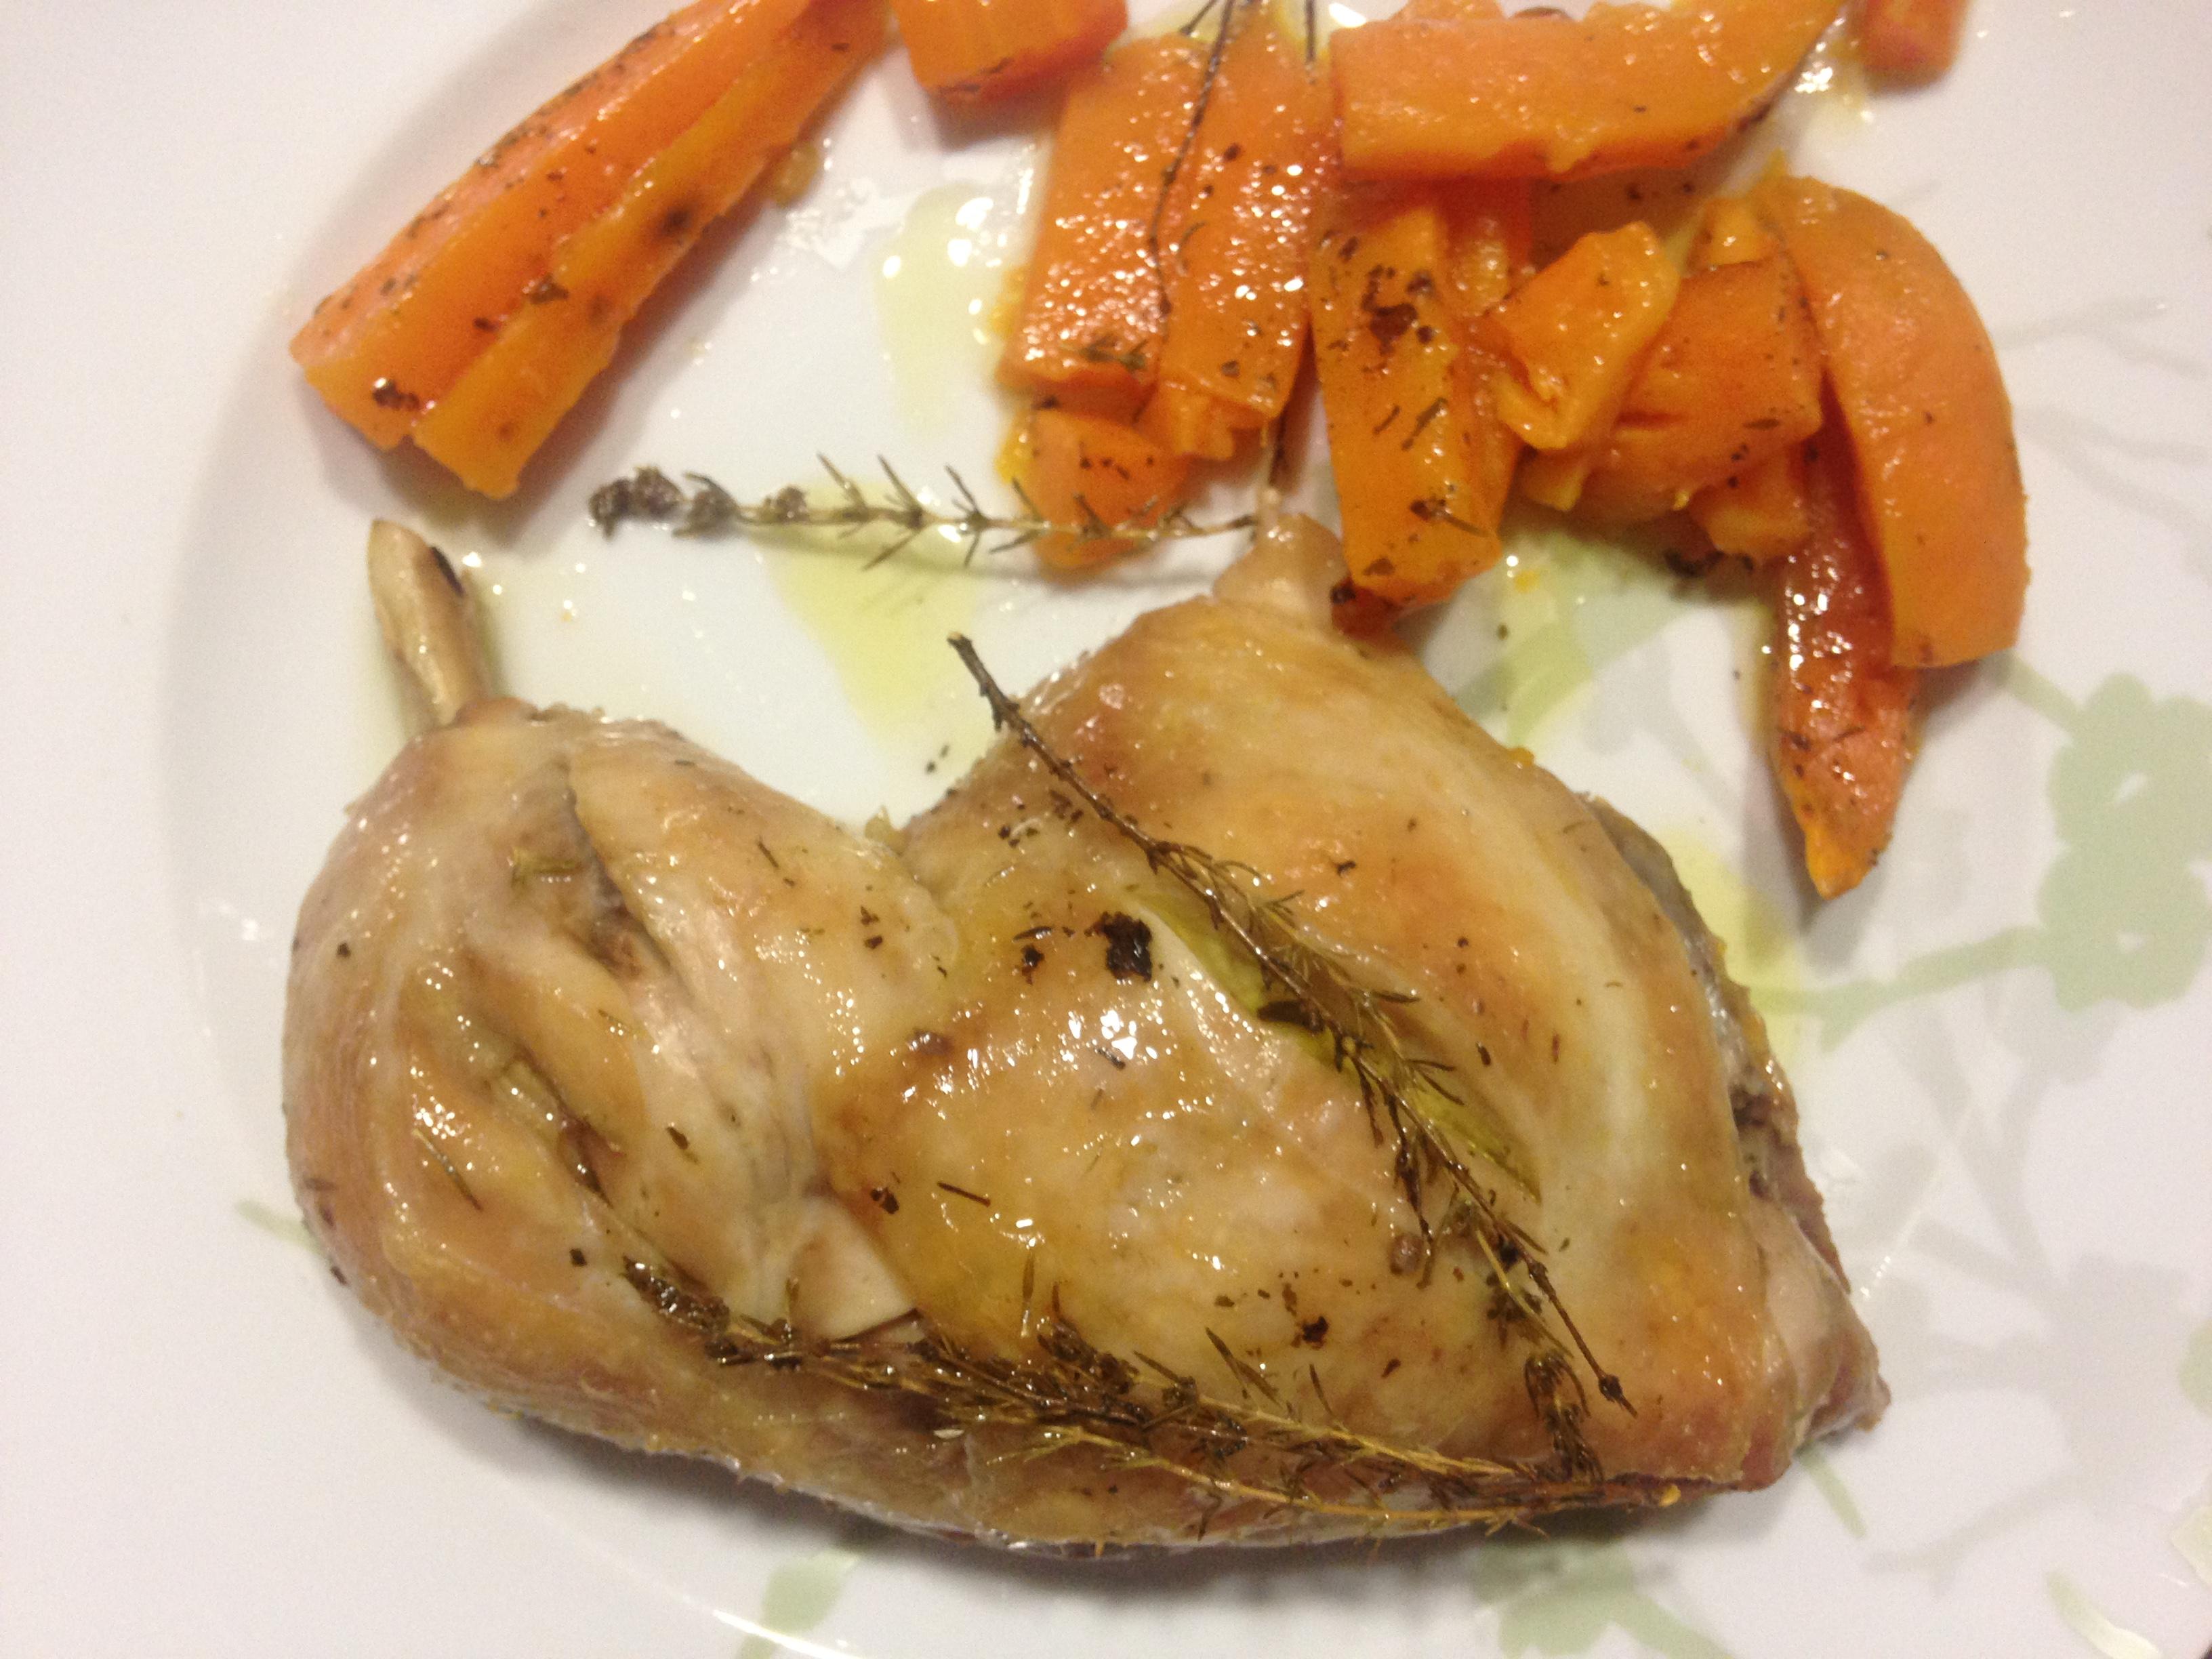 pollo, limon, batata, recetas, persistencia o cambio, mar vidal, cocina